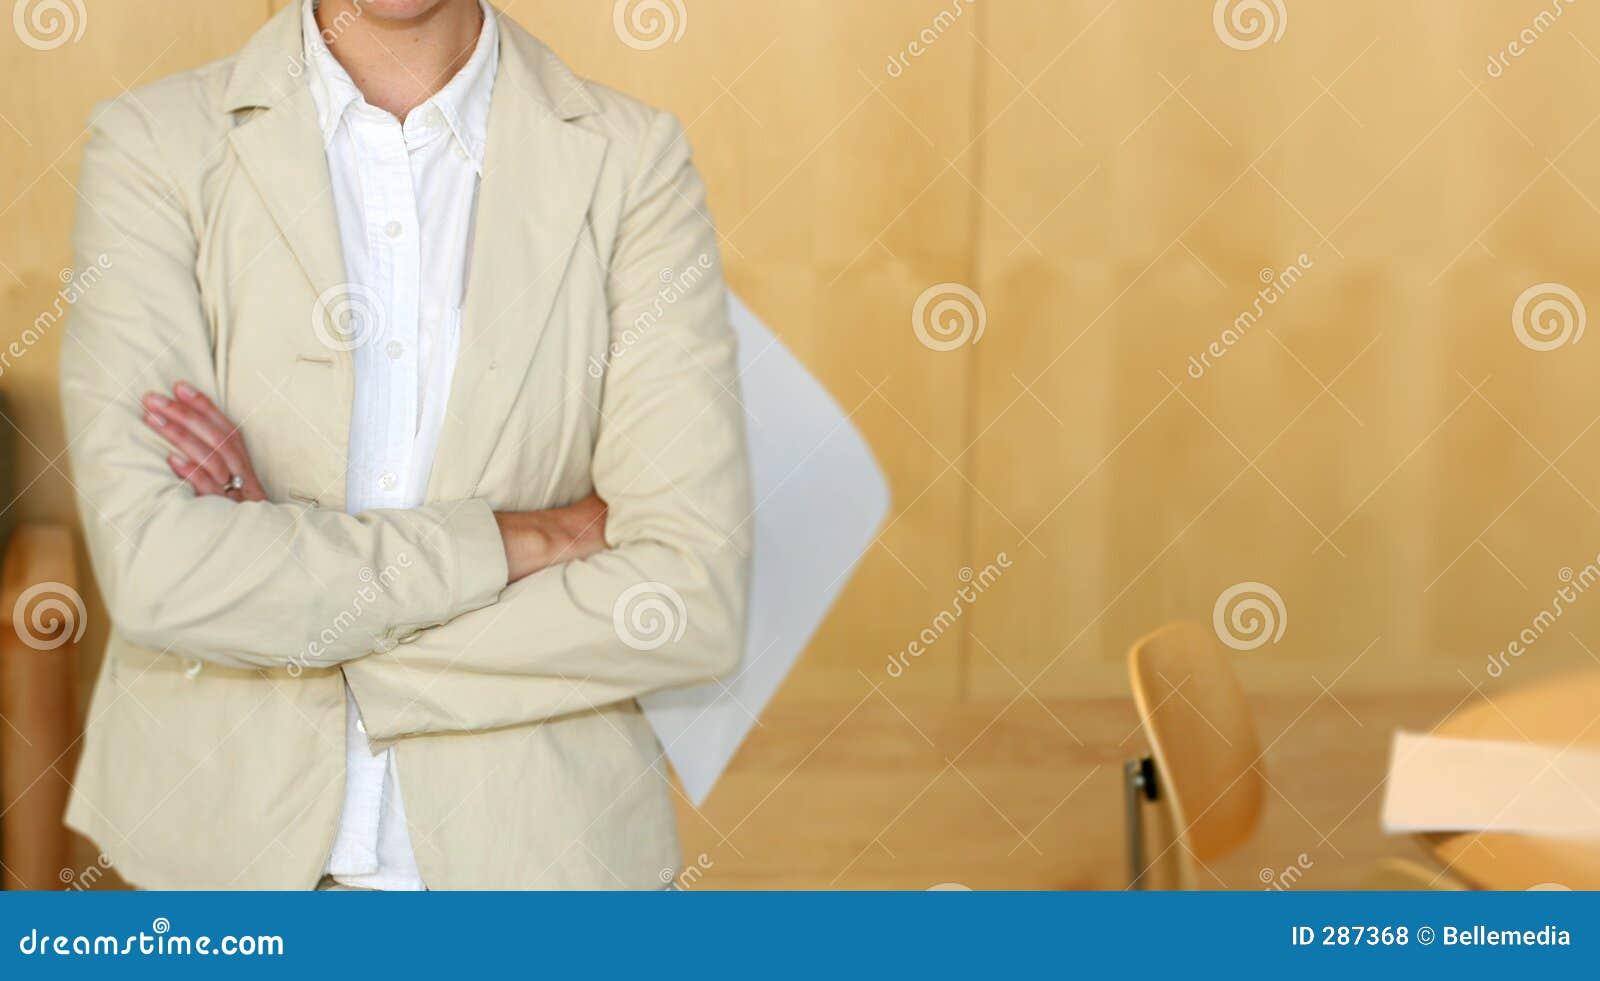 Who is de werkgever?